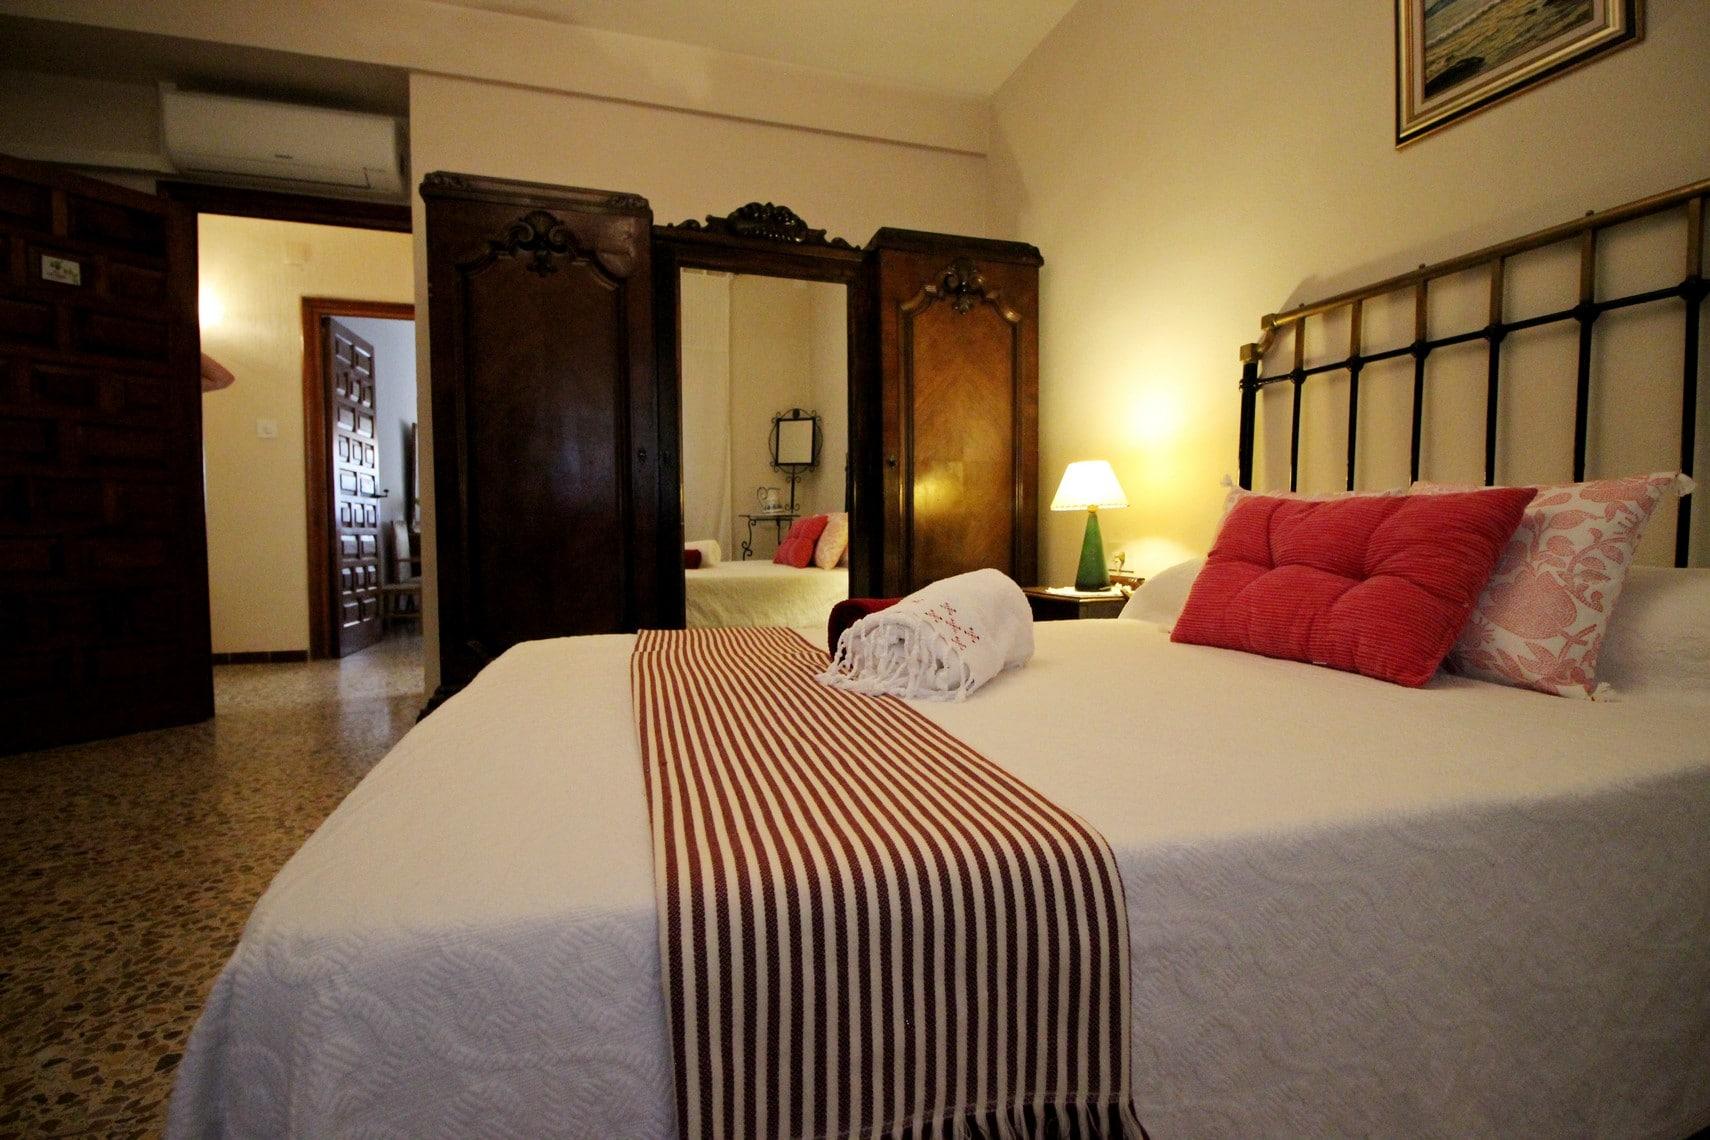 habitación5_las_hazas jarandilla025